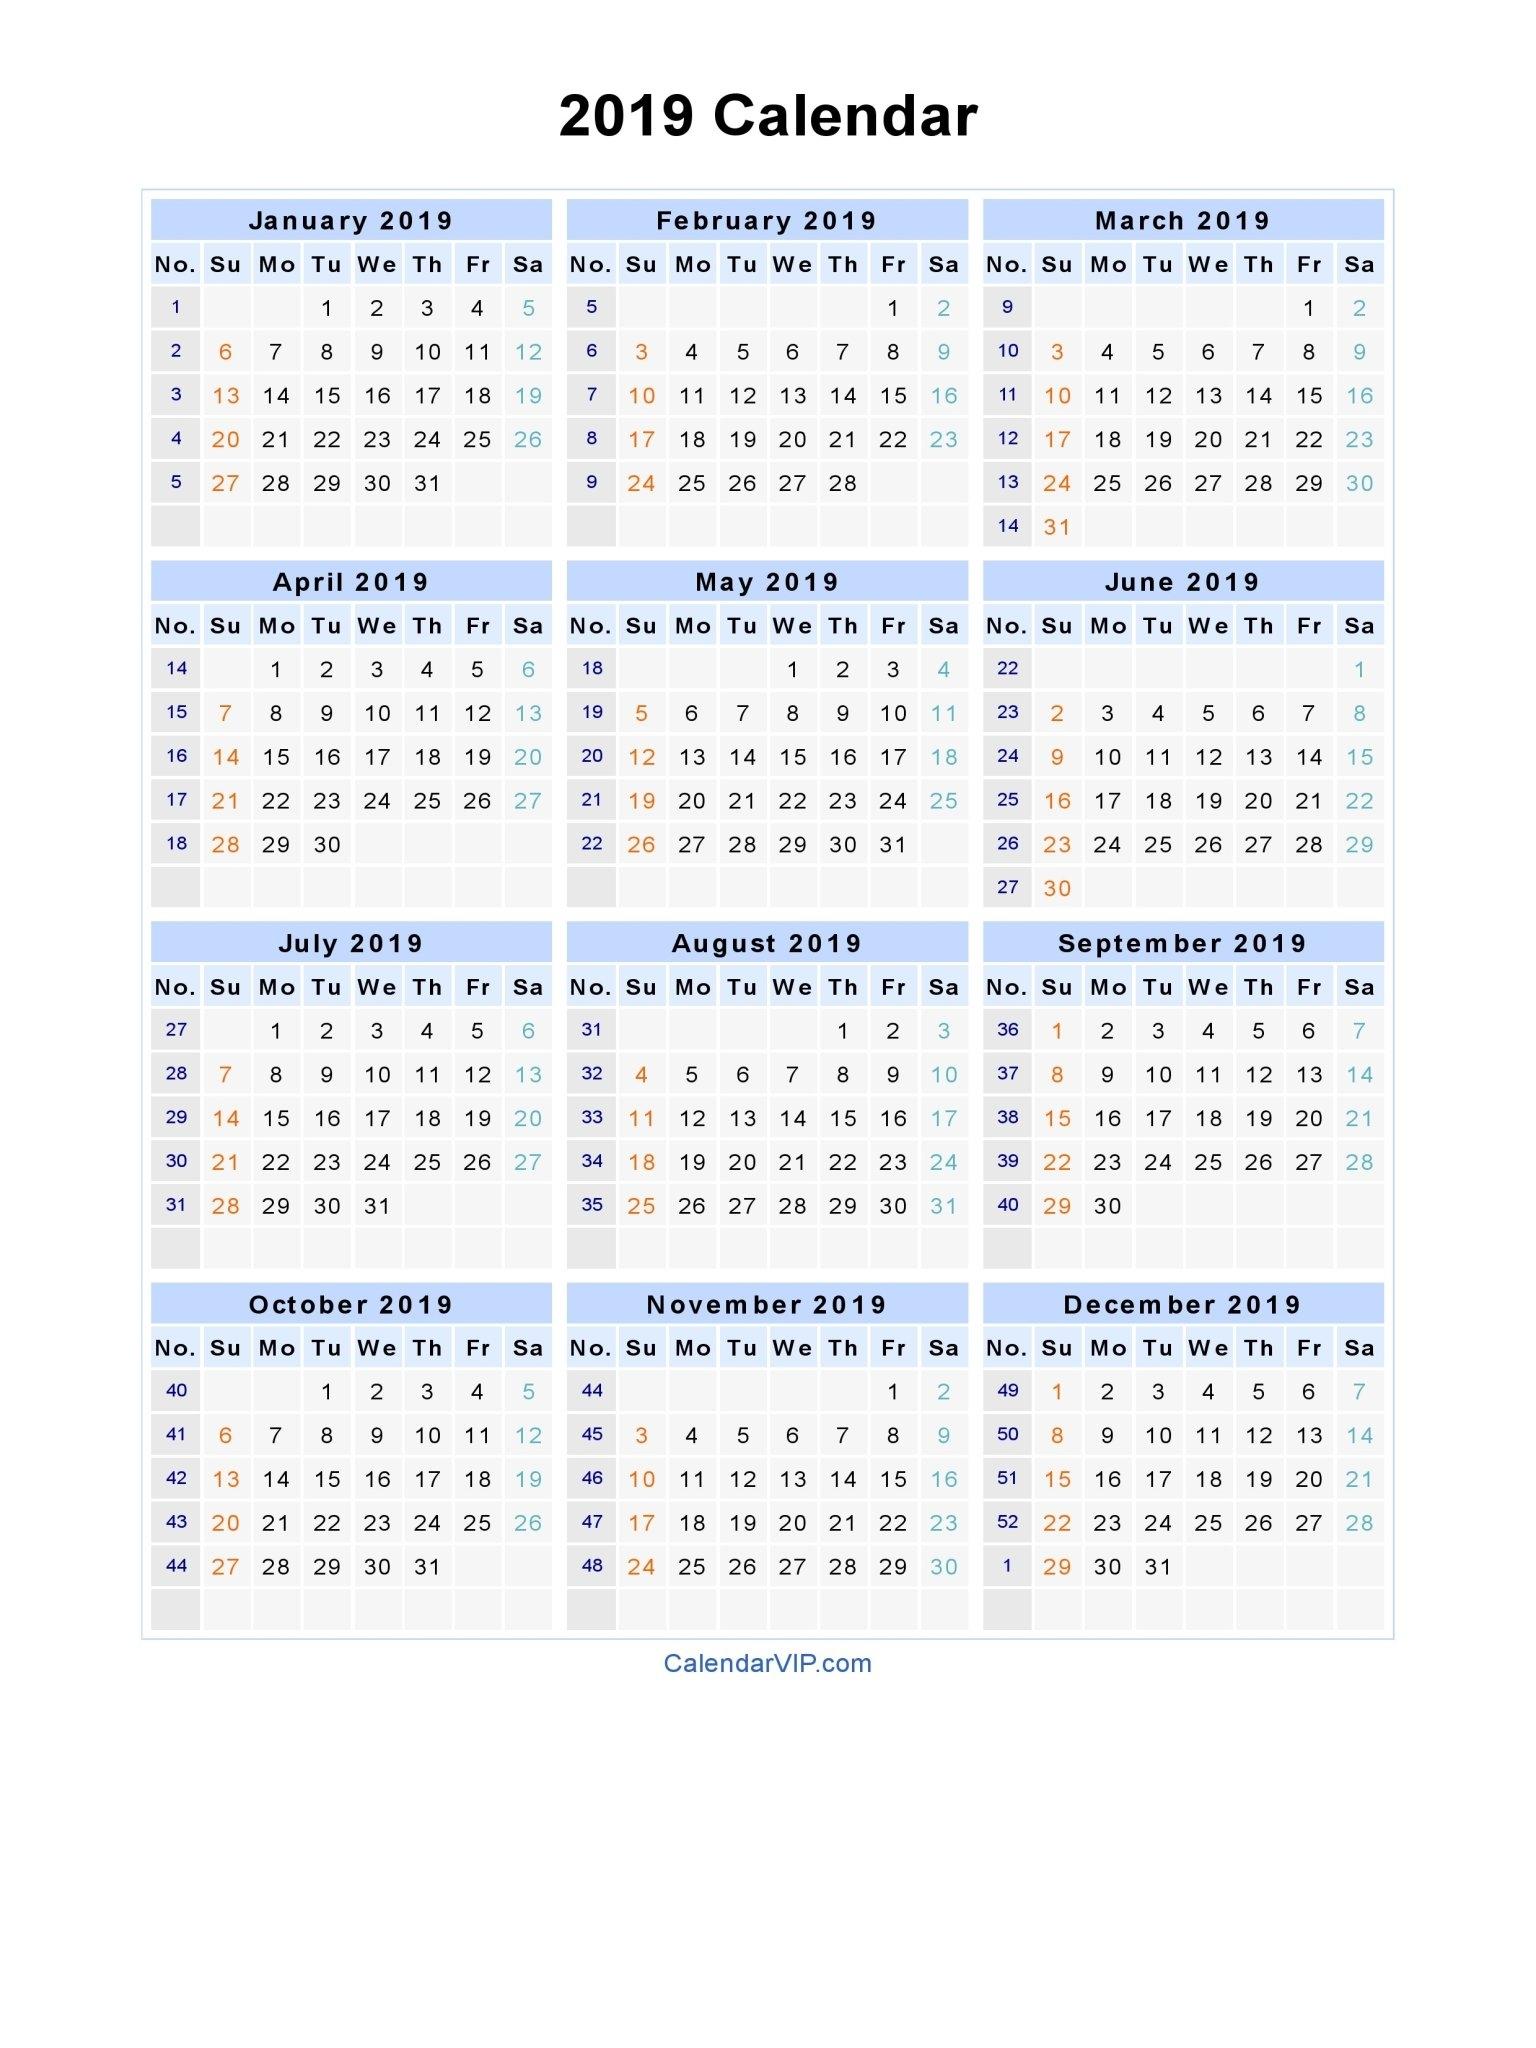 2019 Calendar – Blank Printable Calendar Template In Pdf Word Excel Calendar 2019 In Weeks